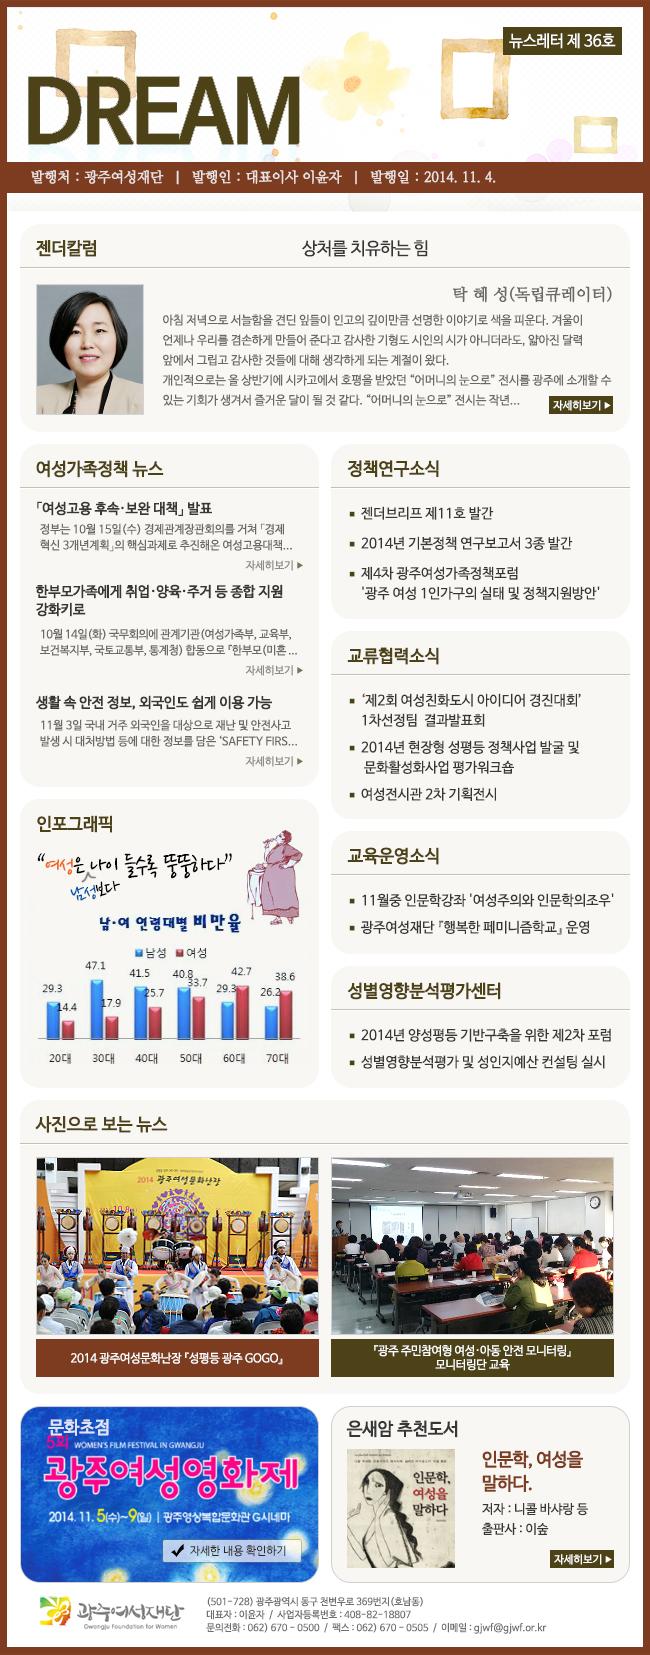 뉴스레터 드림 제36호 썸네일